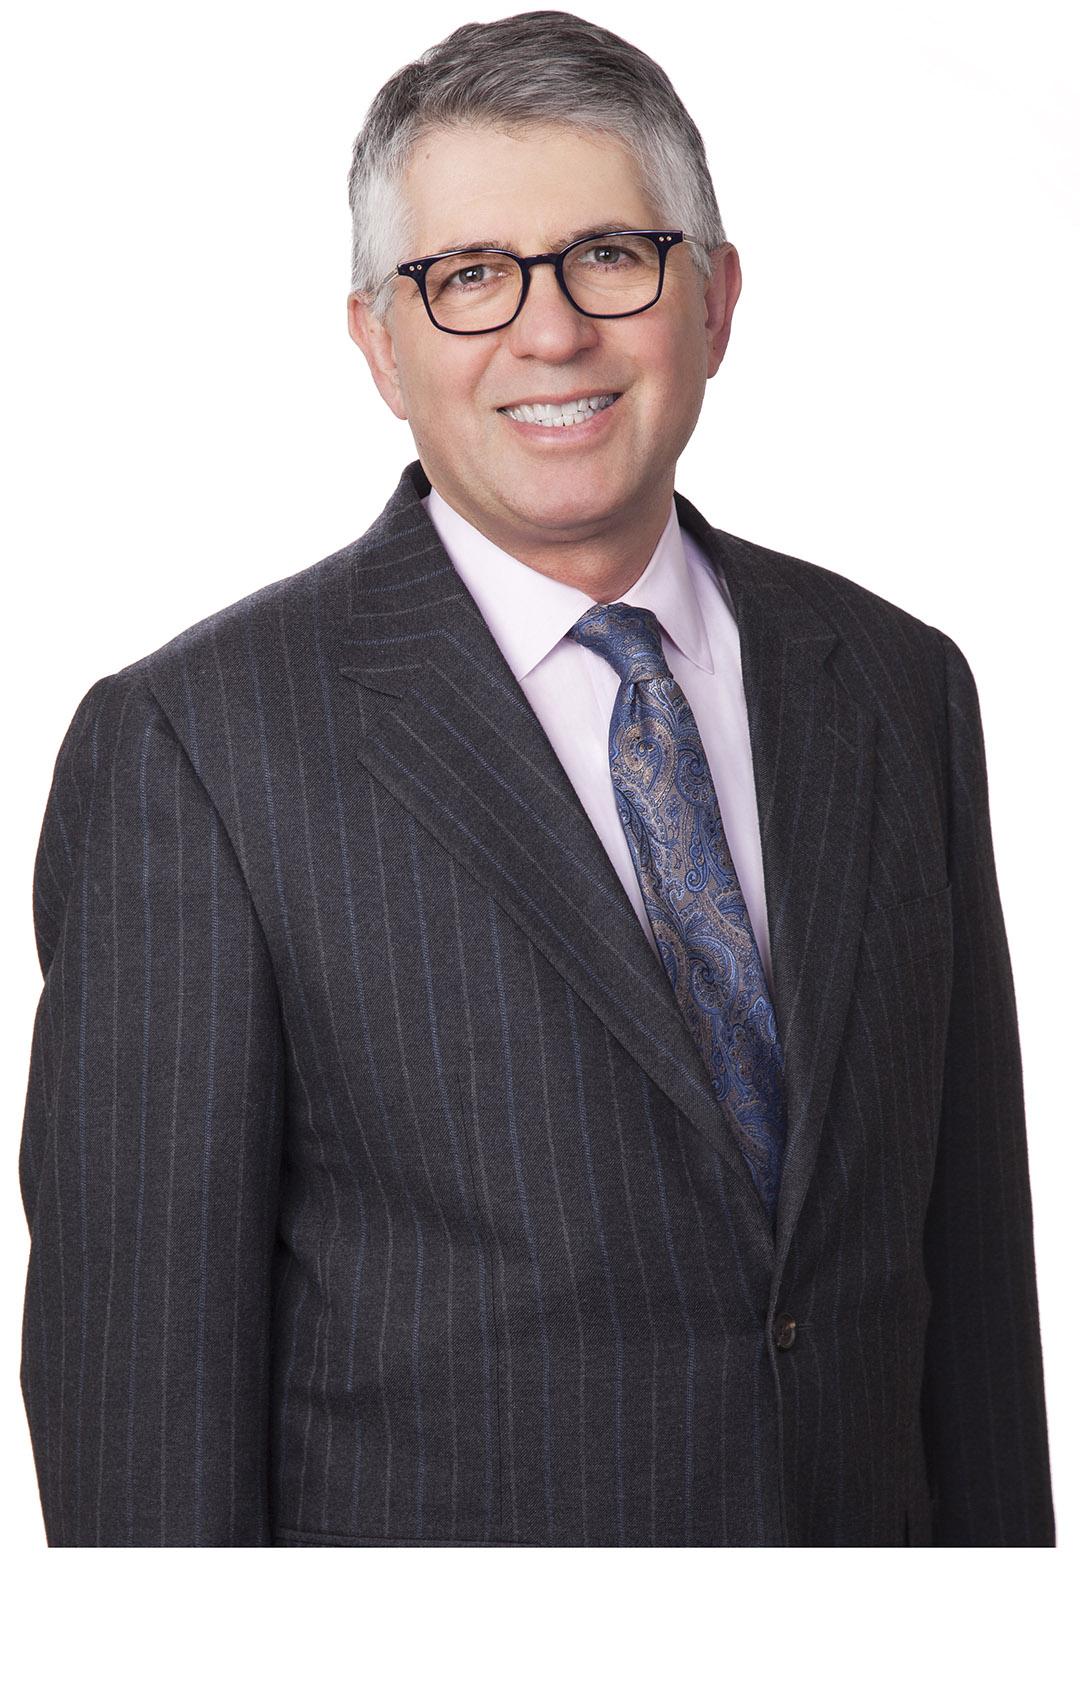 Reza Mollaaghababa